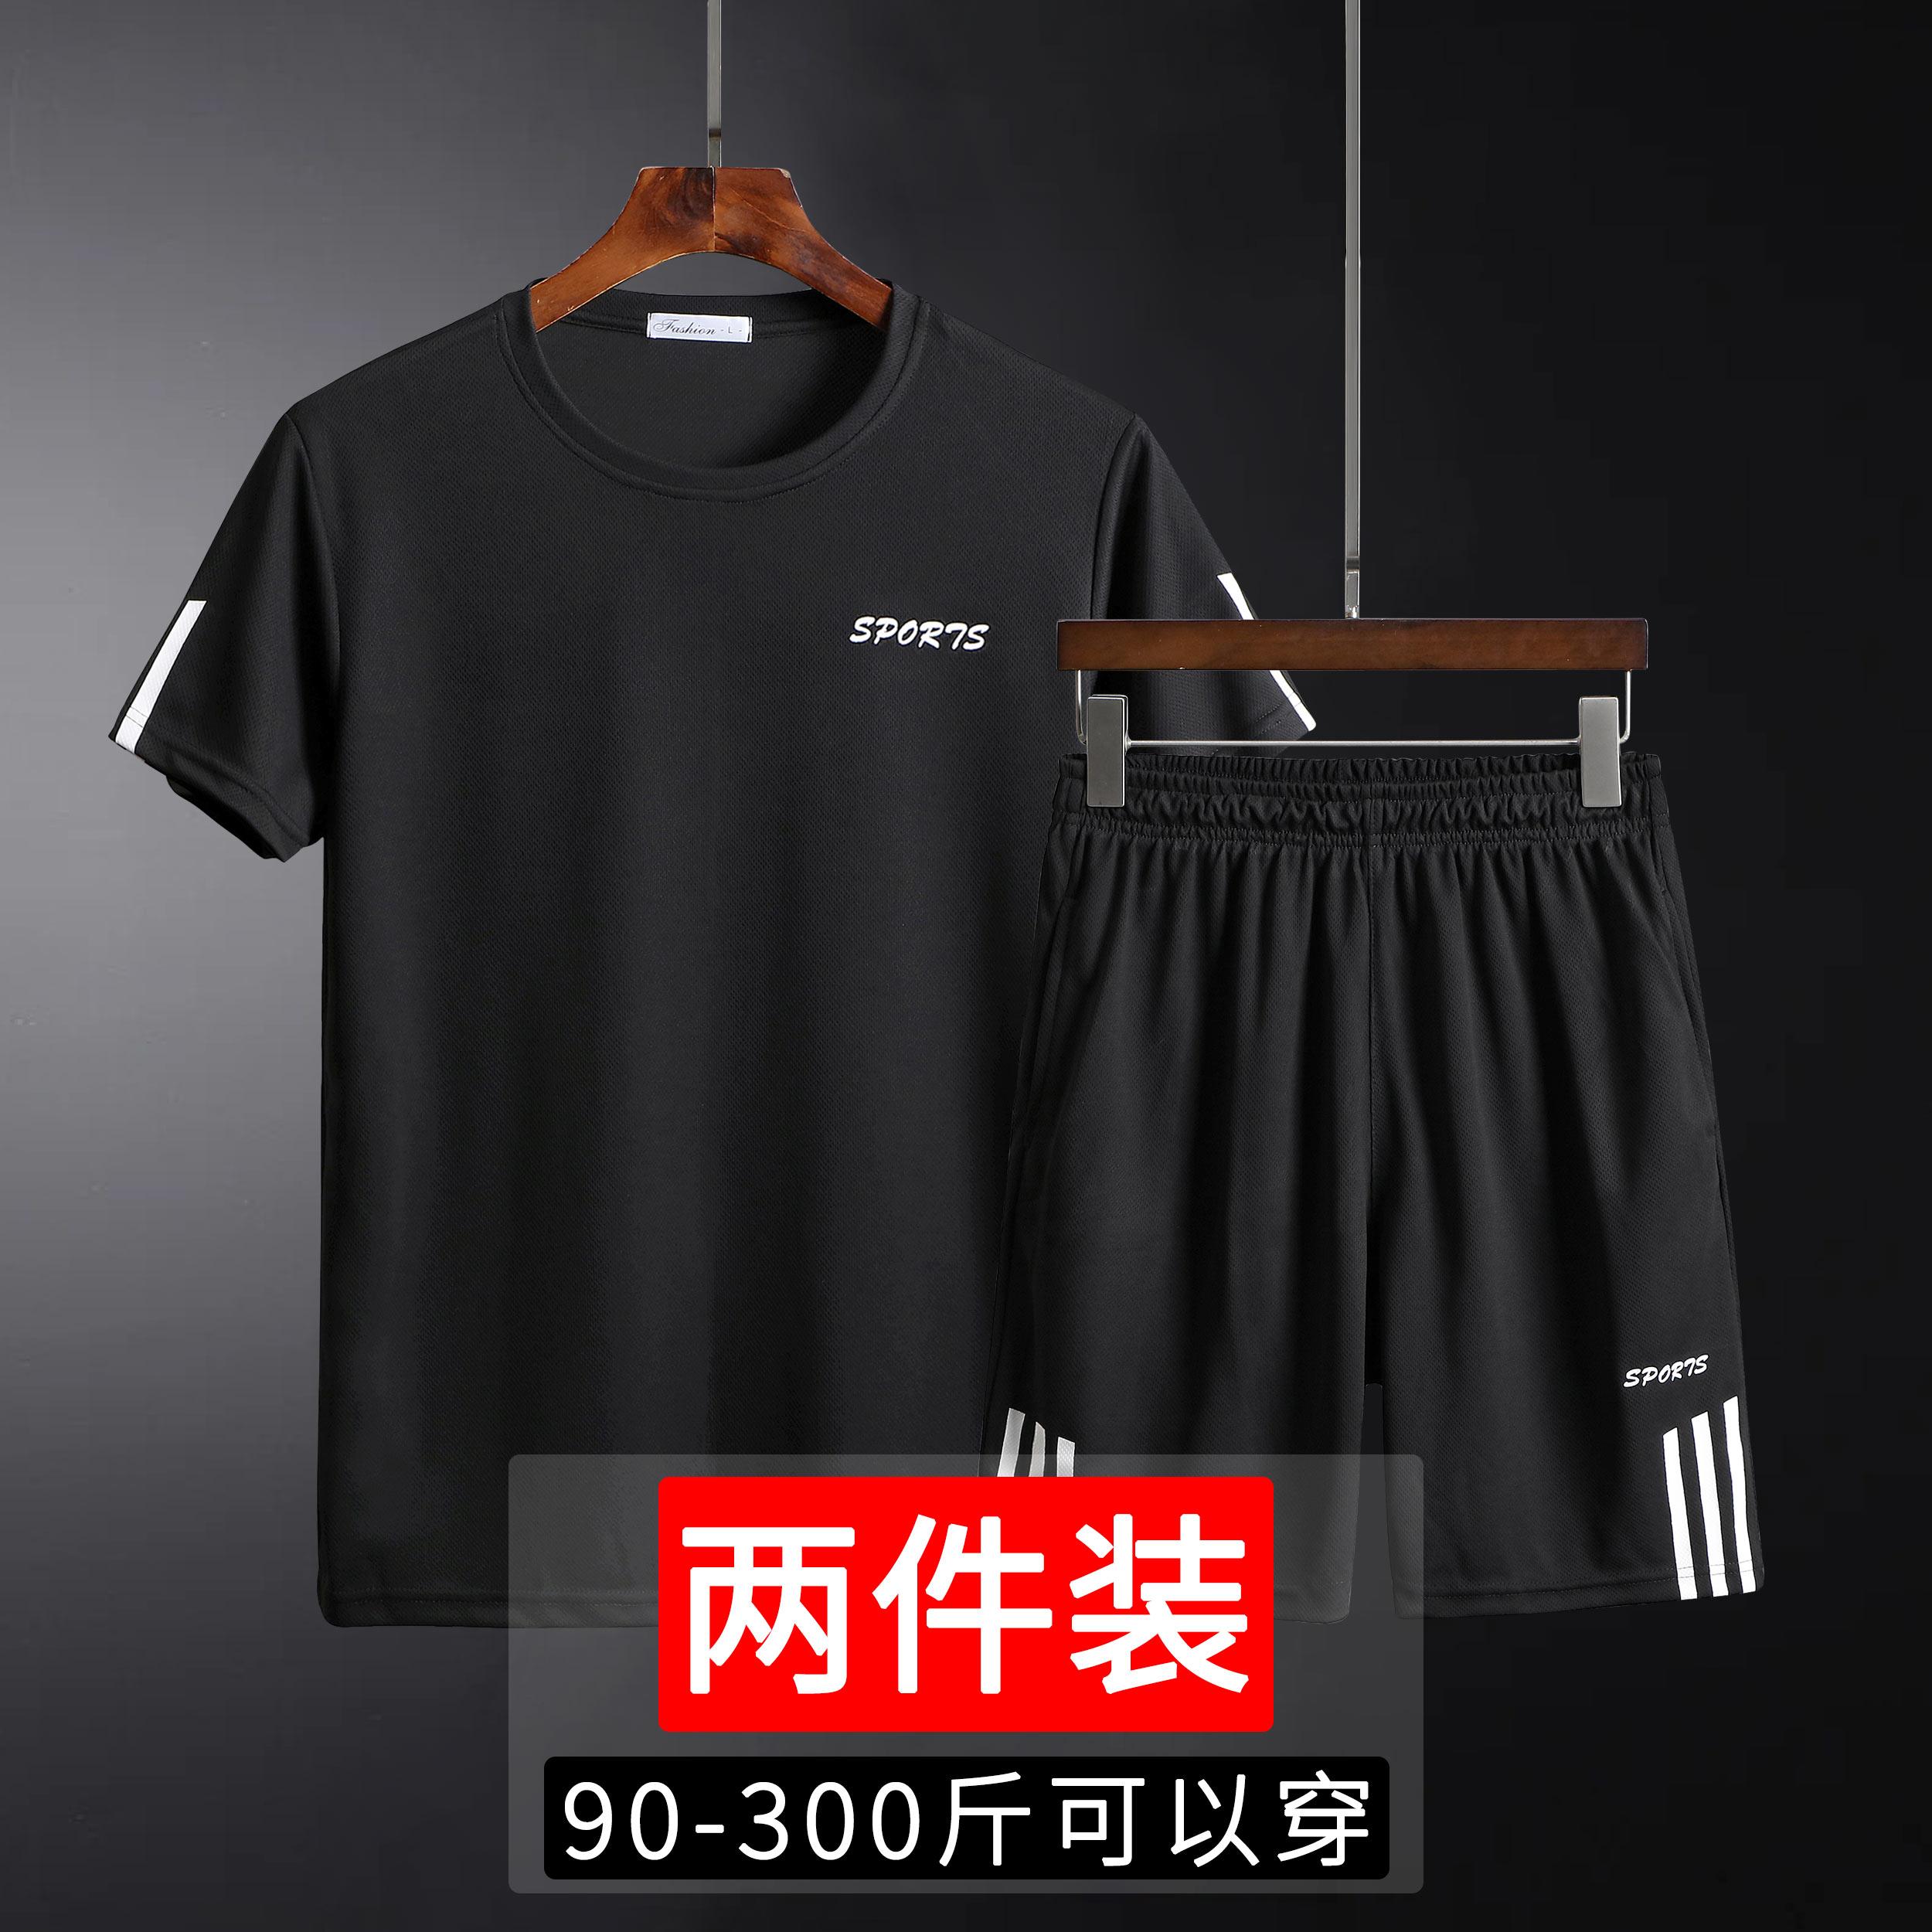 夏季速干运动套装男短袖t恤加肥加大码韩版潮流休闲一套衣服帅气图片